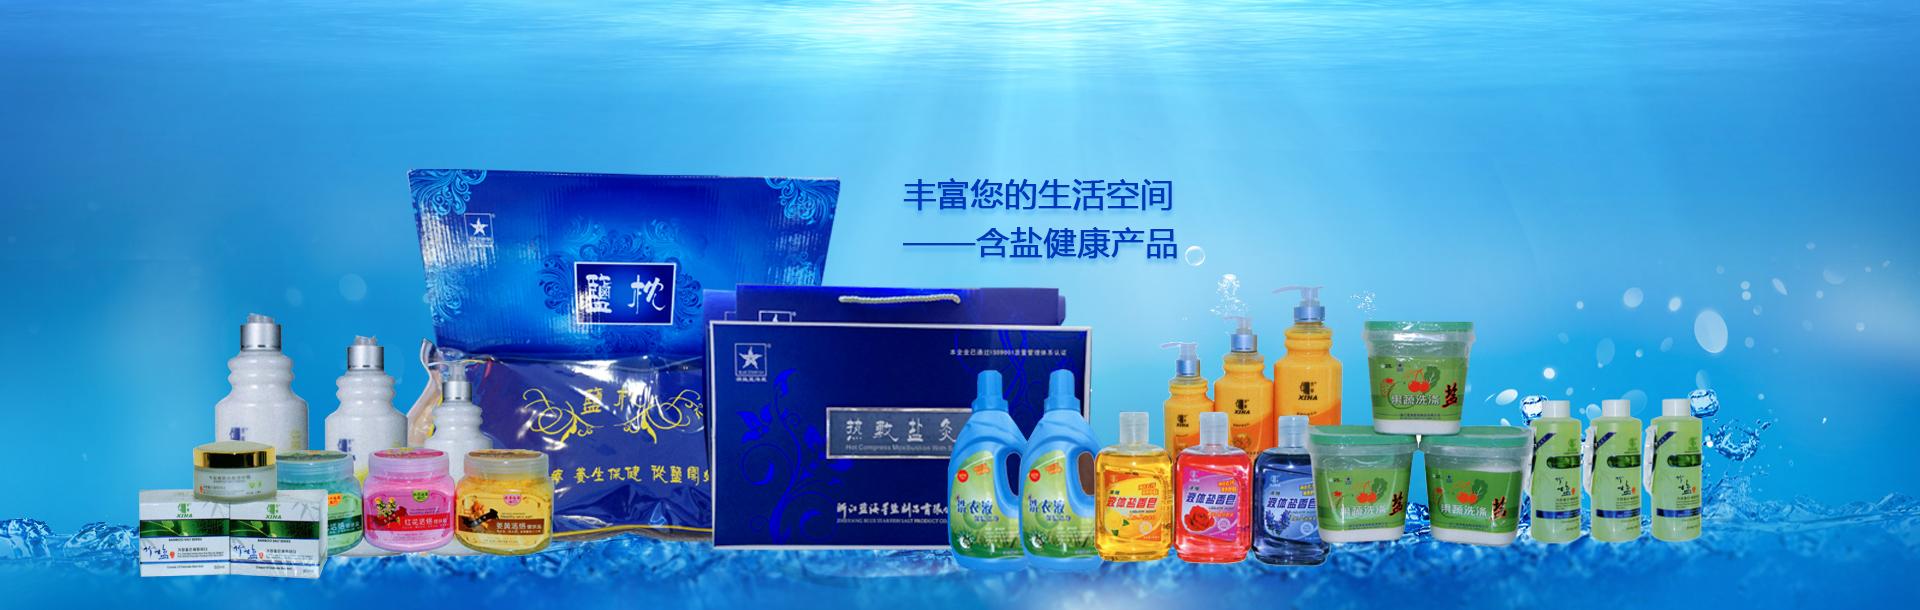 貴州鹽業(集團)有限責任公司